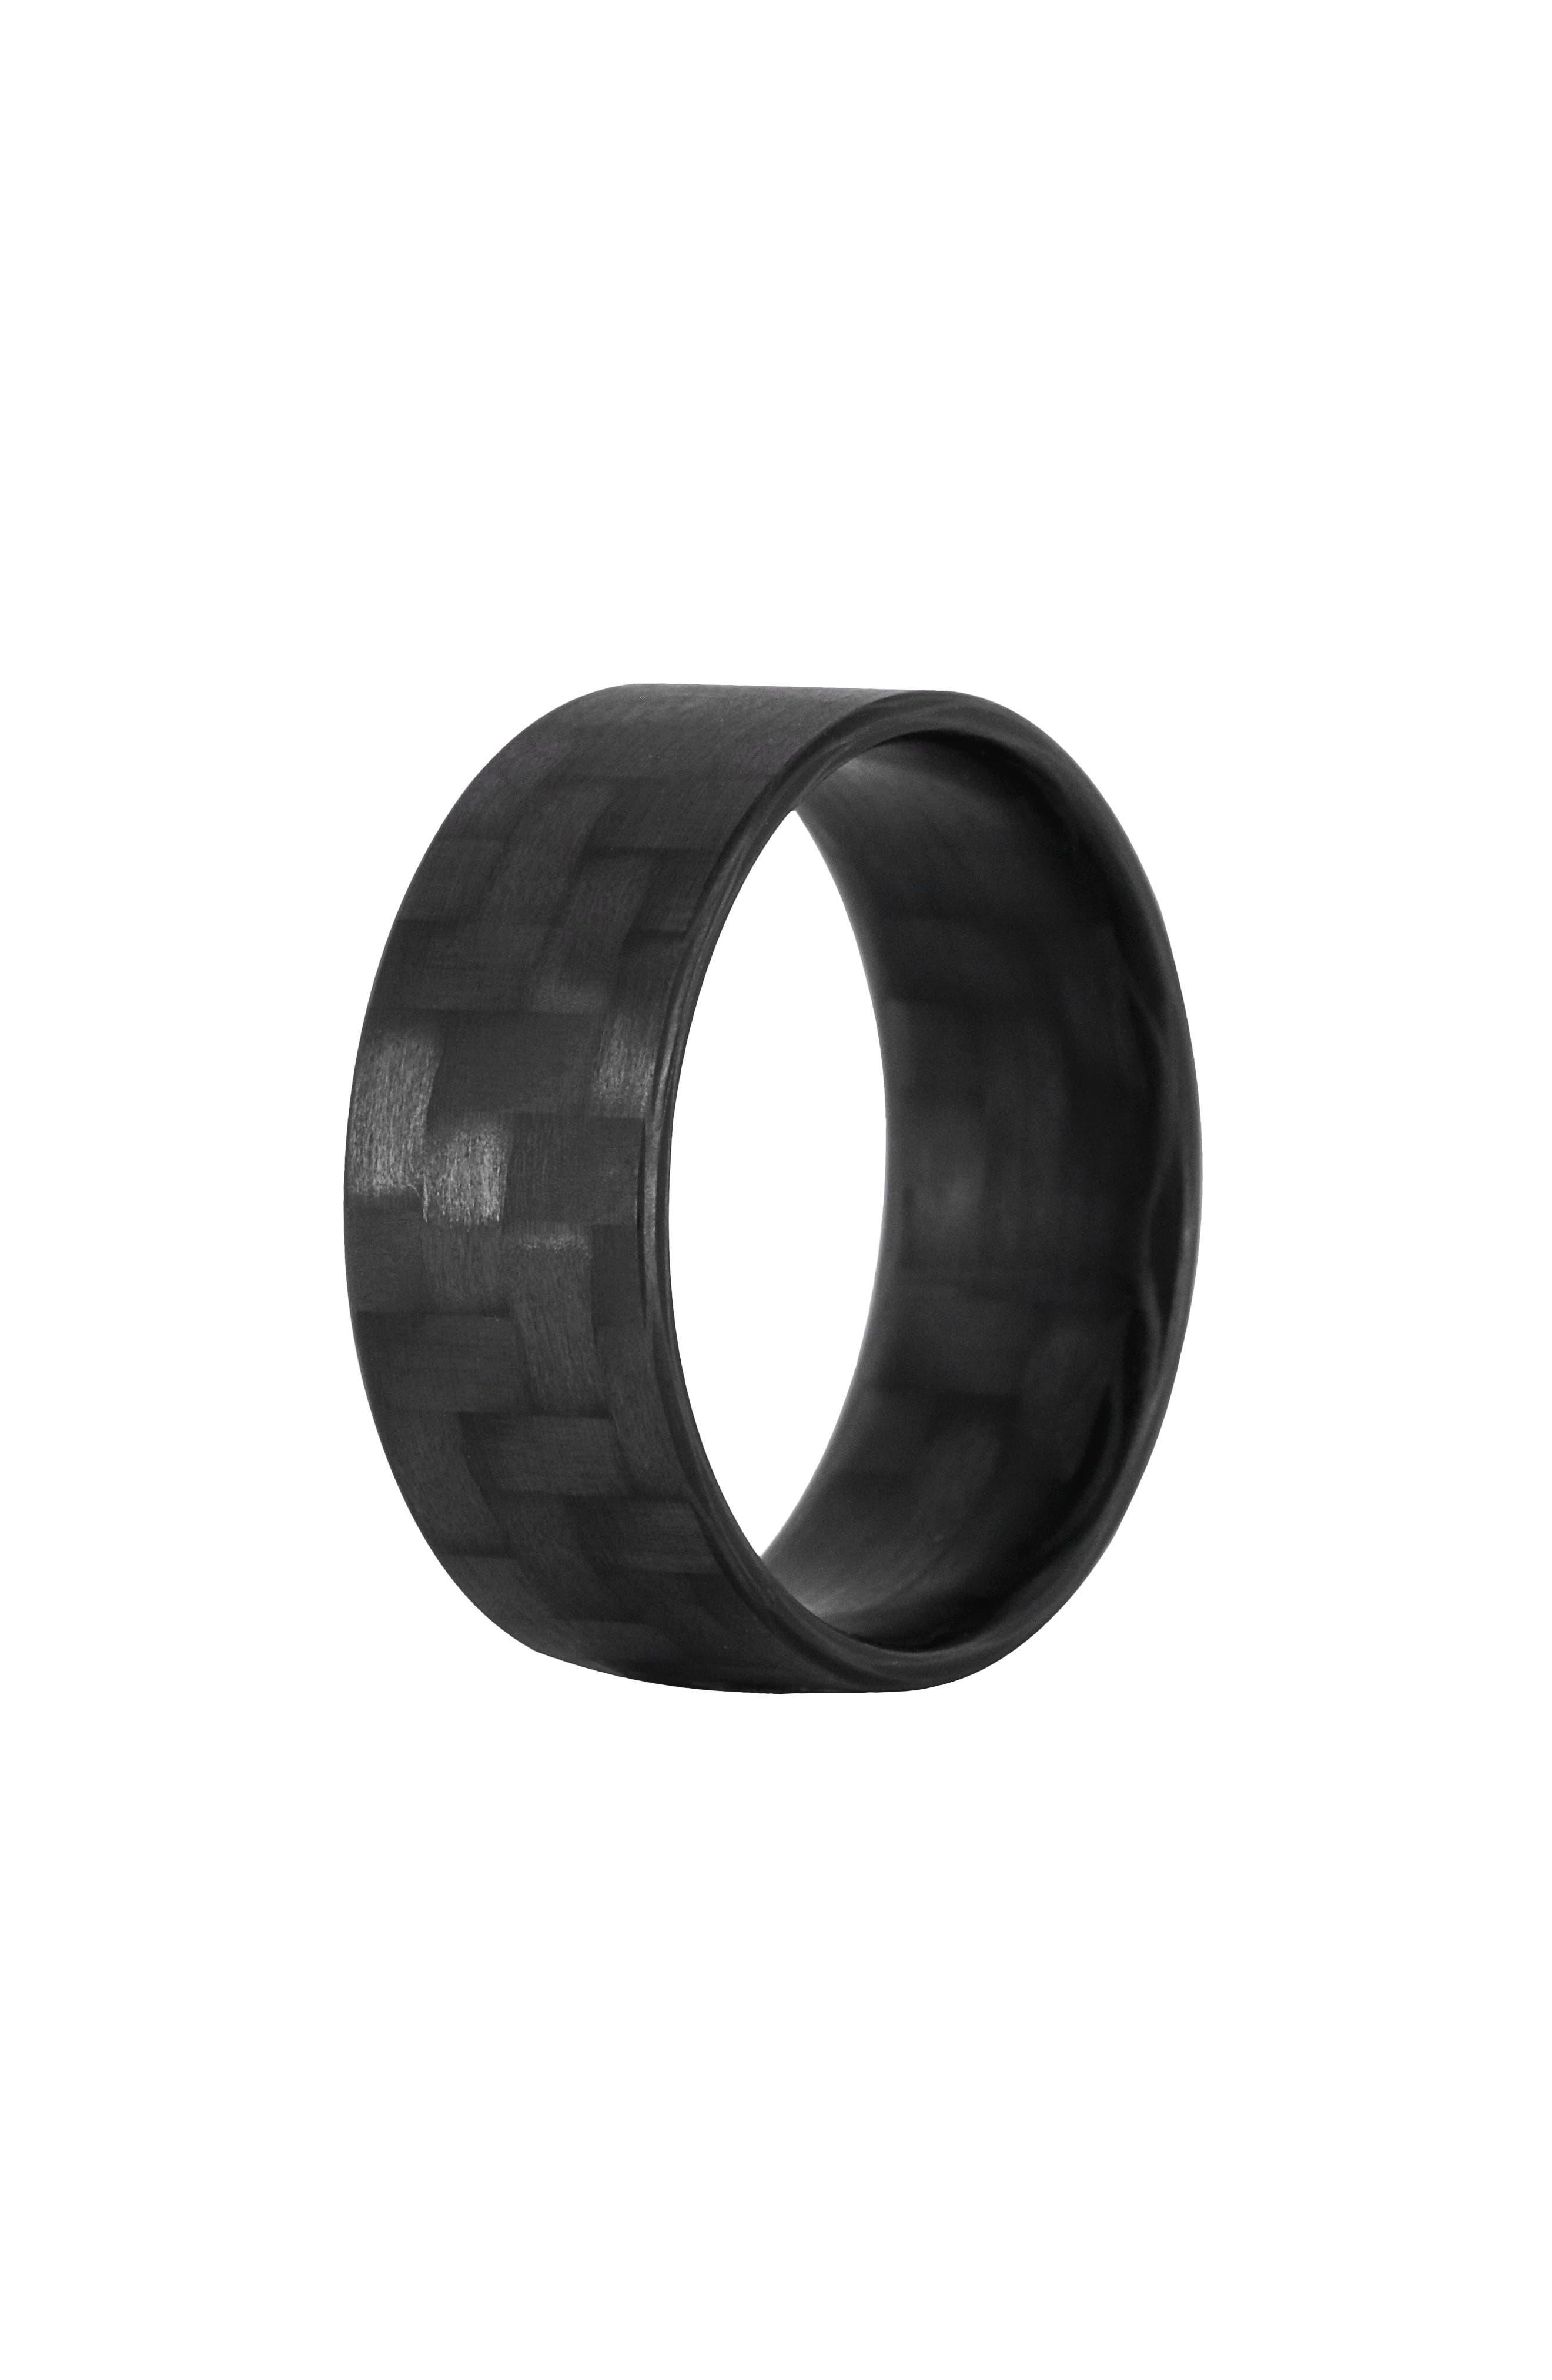 Women's Element Rings Co. Racer Ultralight Carbon Fiber Band Ring